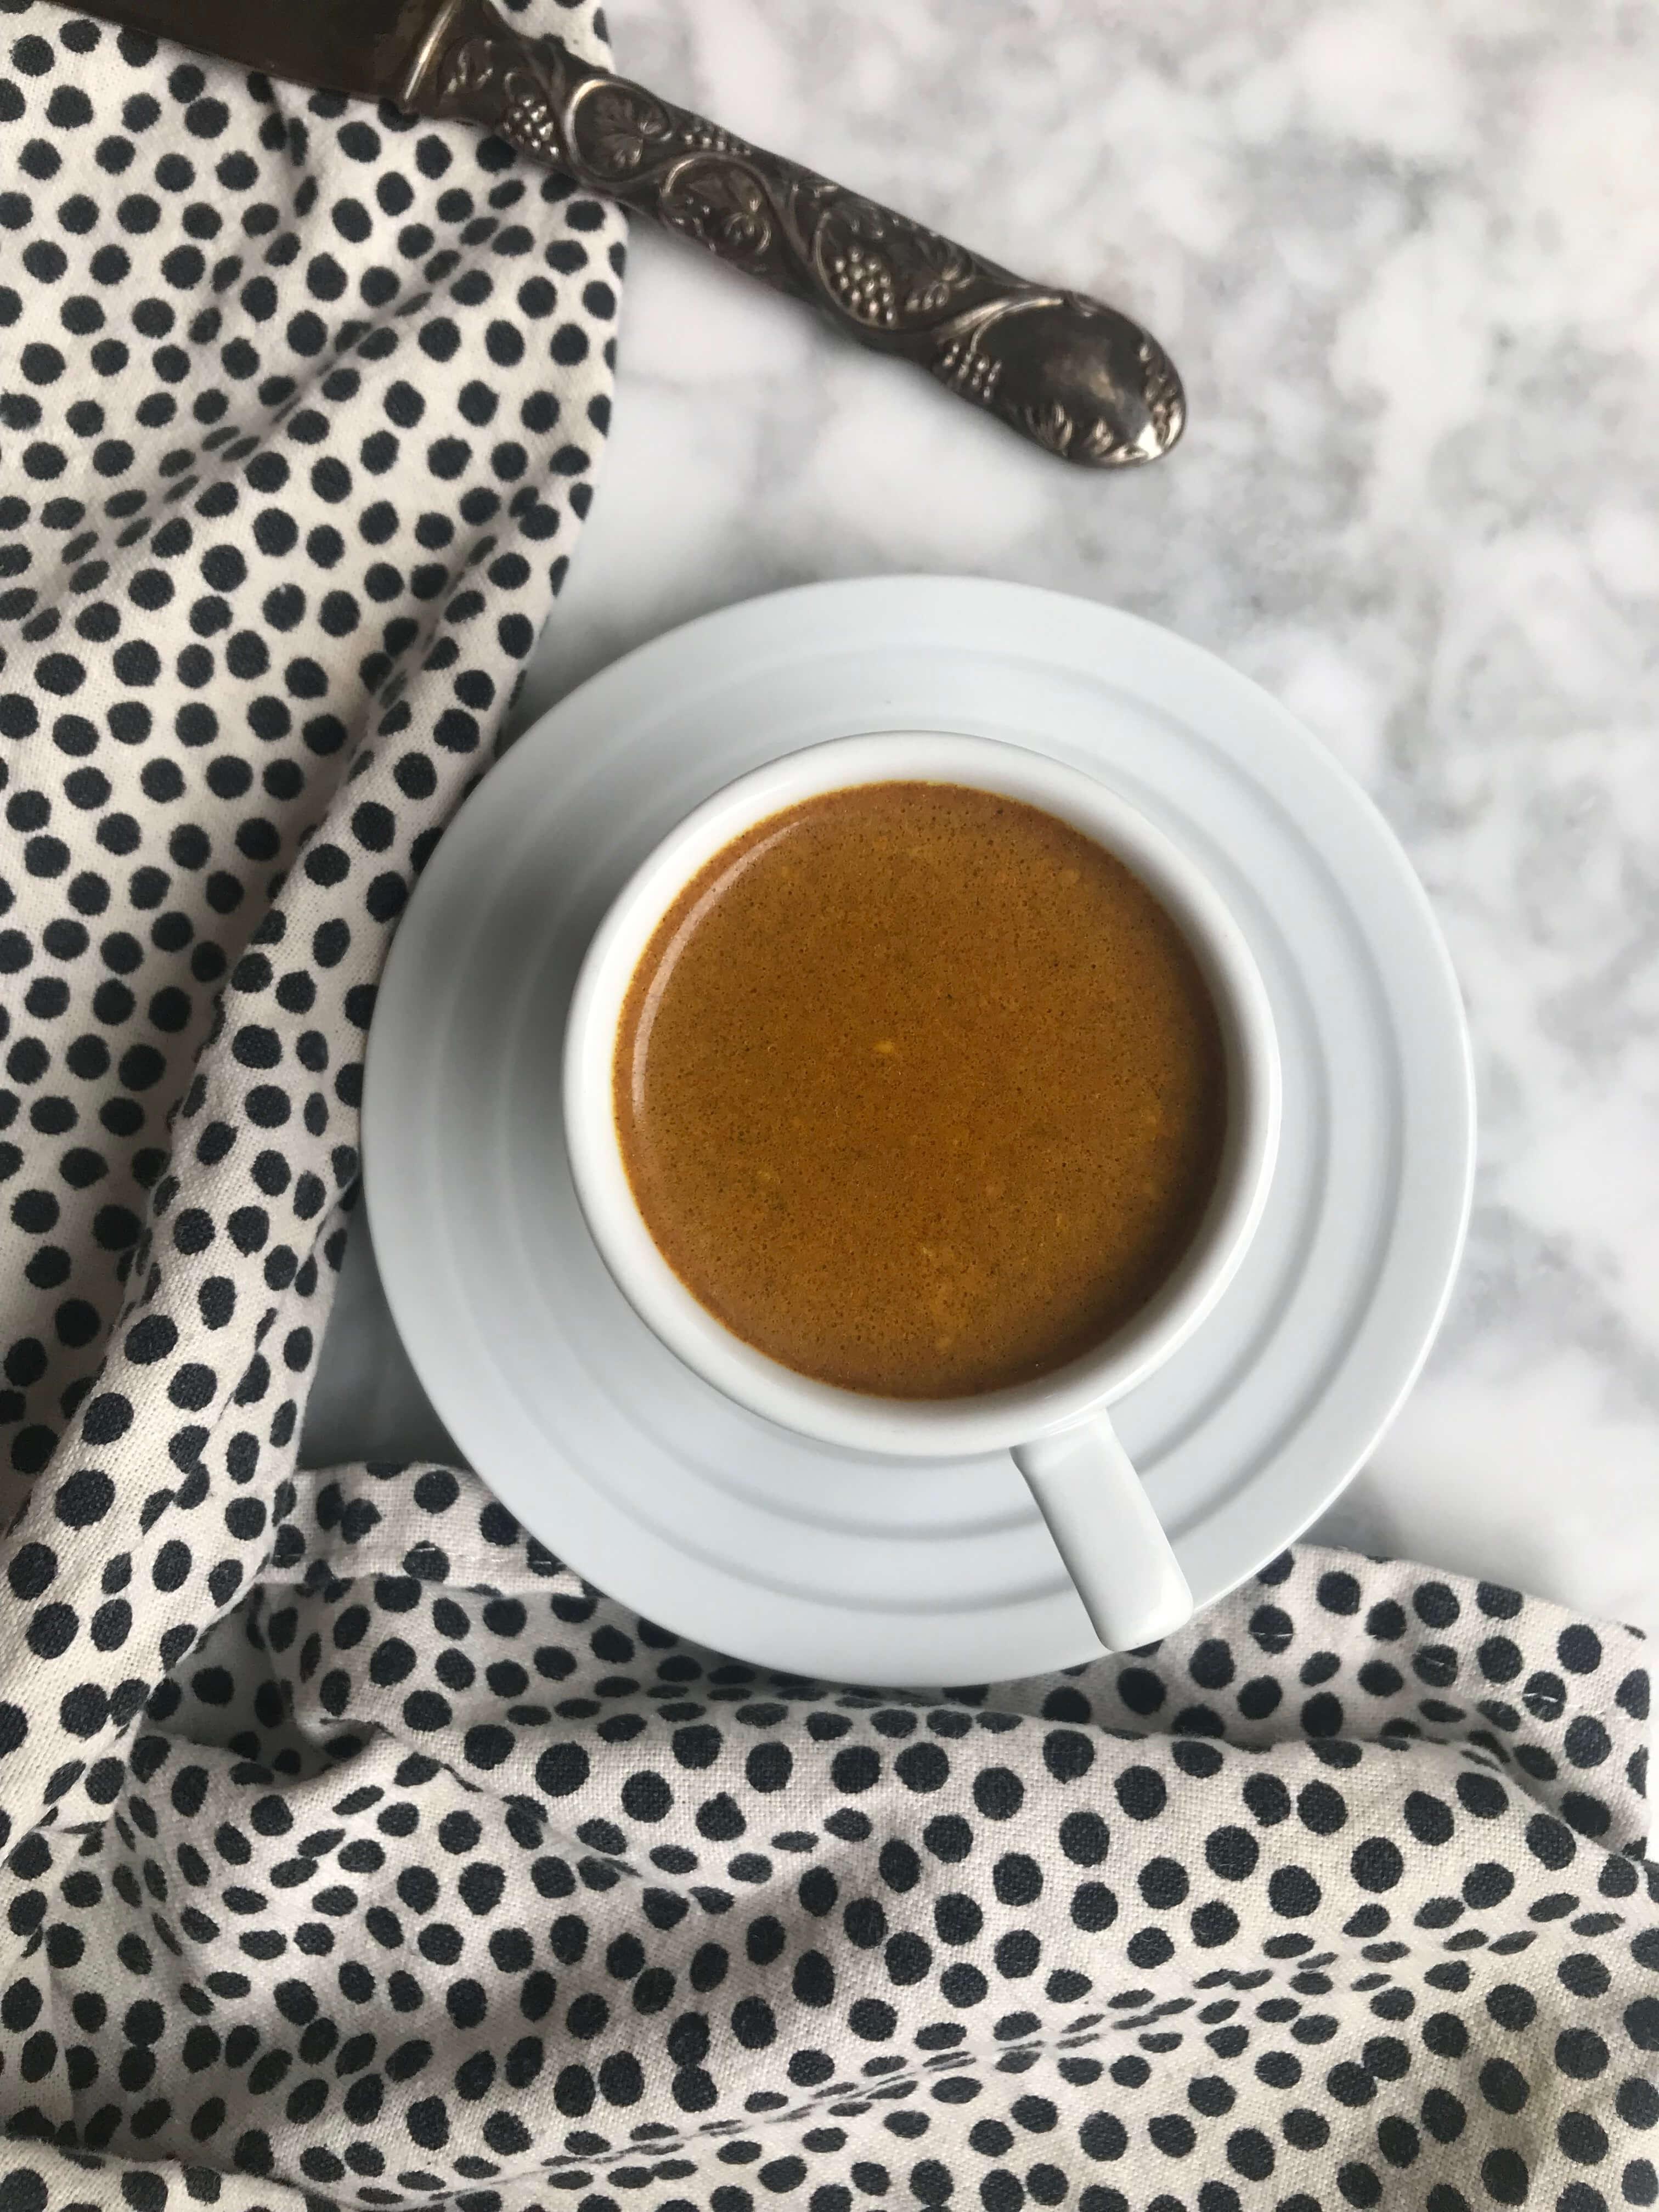 gurkmejalatte gurkmeja latte gurkmeja cappuccino golden milk